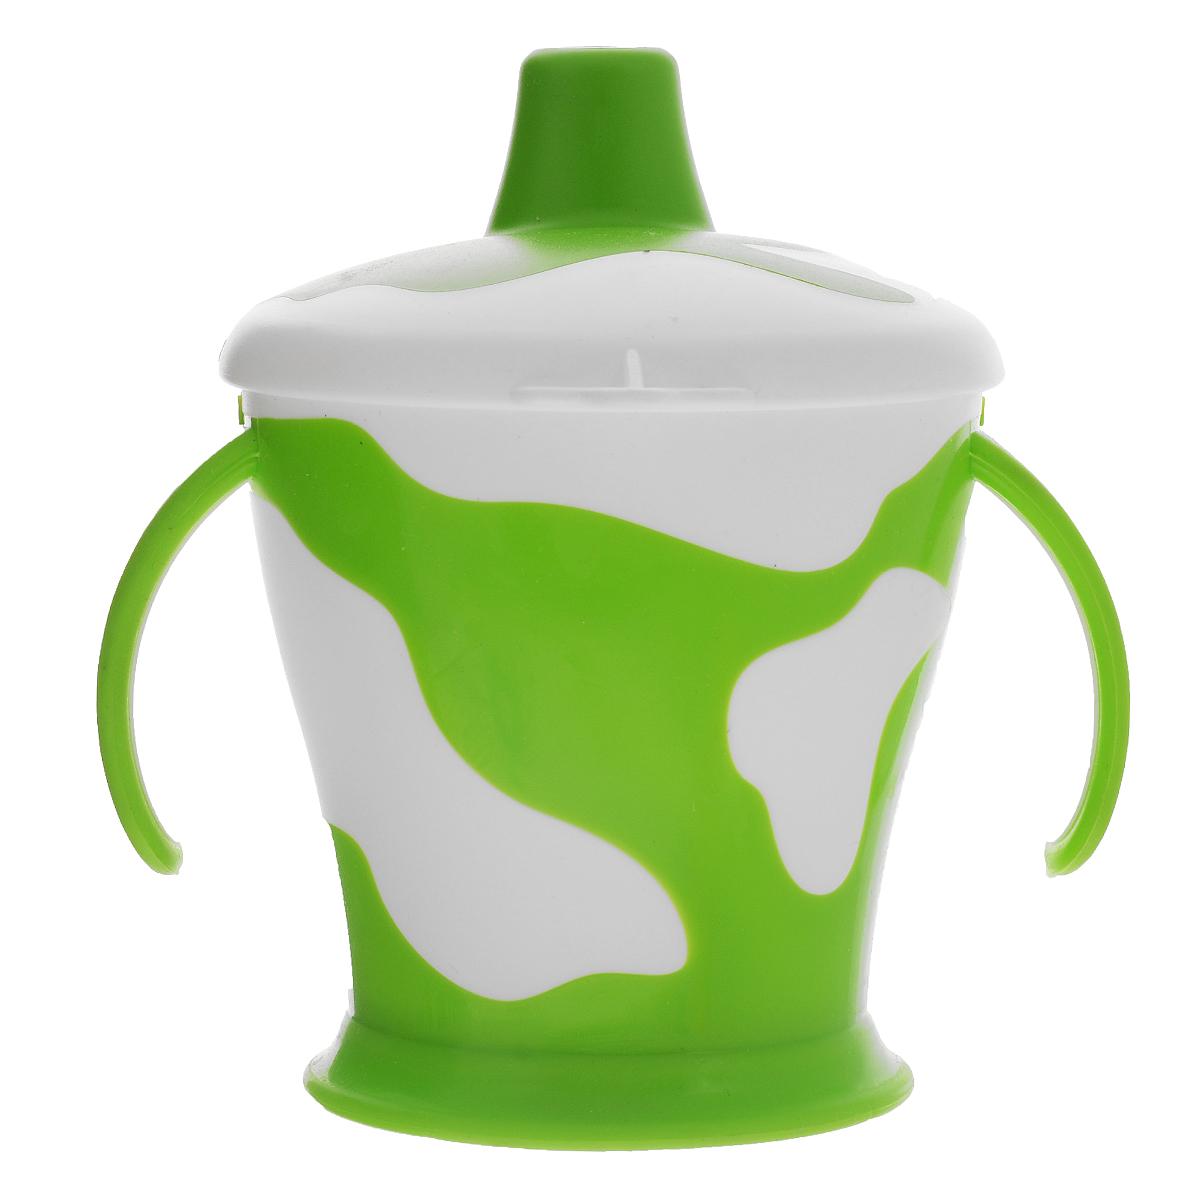 Canpol Babies Поильник-непроливайка Коровка с ручками цвет зеленый 250 мл